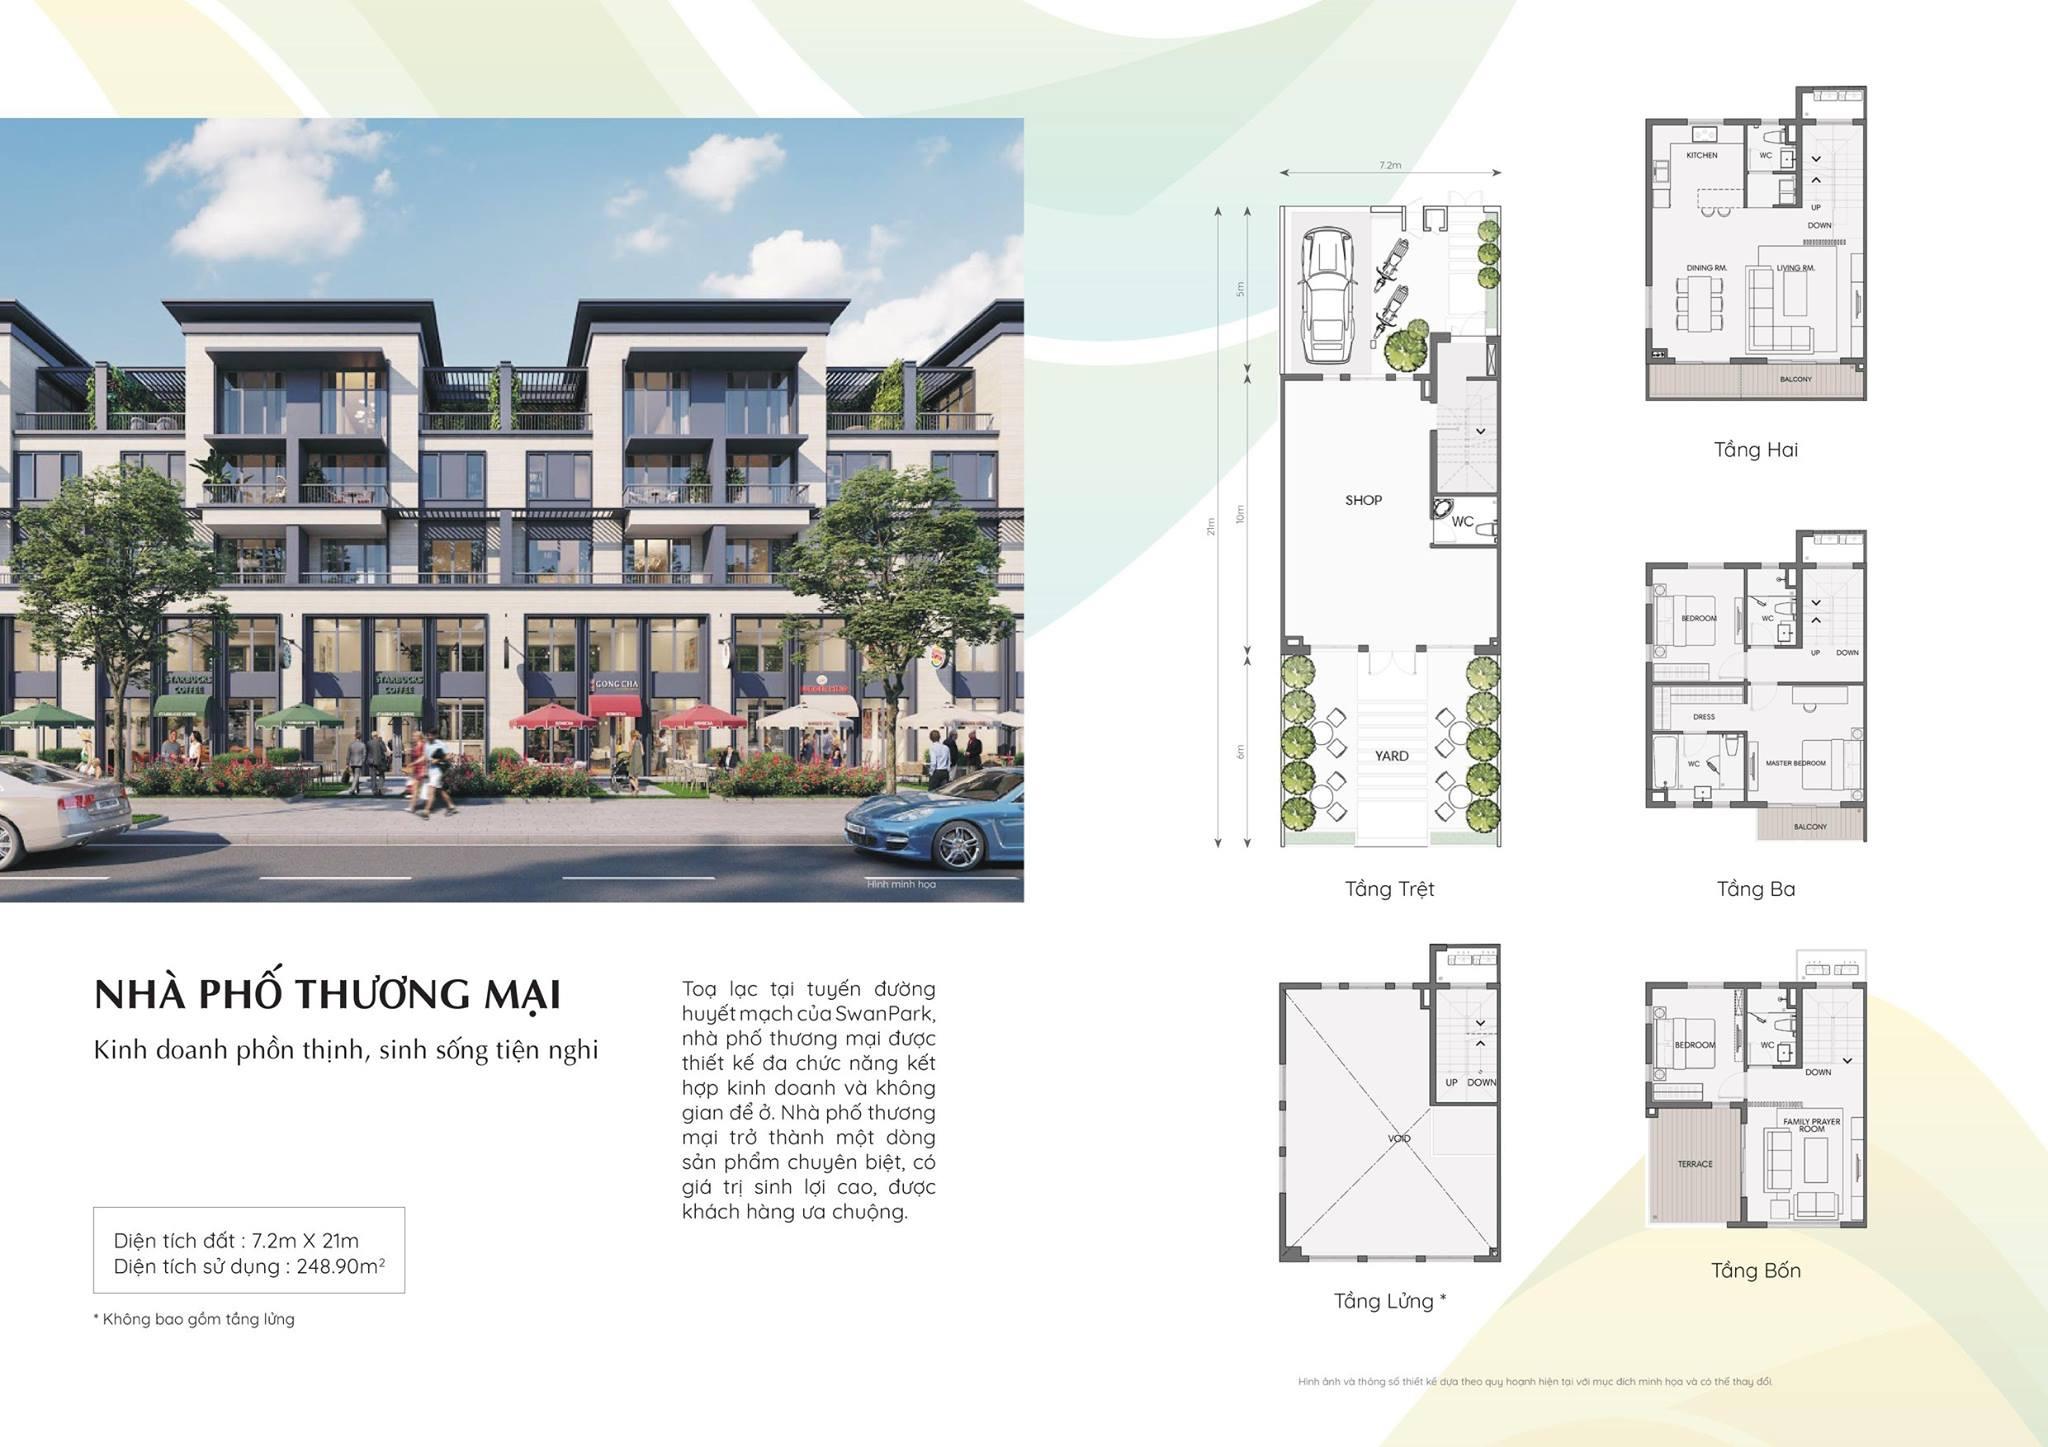 Mặt bằng nhà phố thương mại của dự án Swan Park Nhơn Trạch